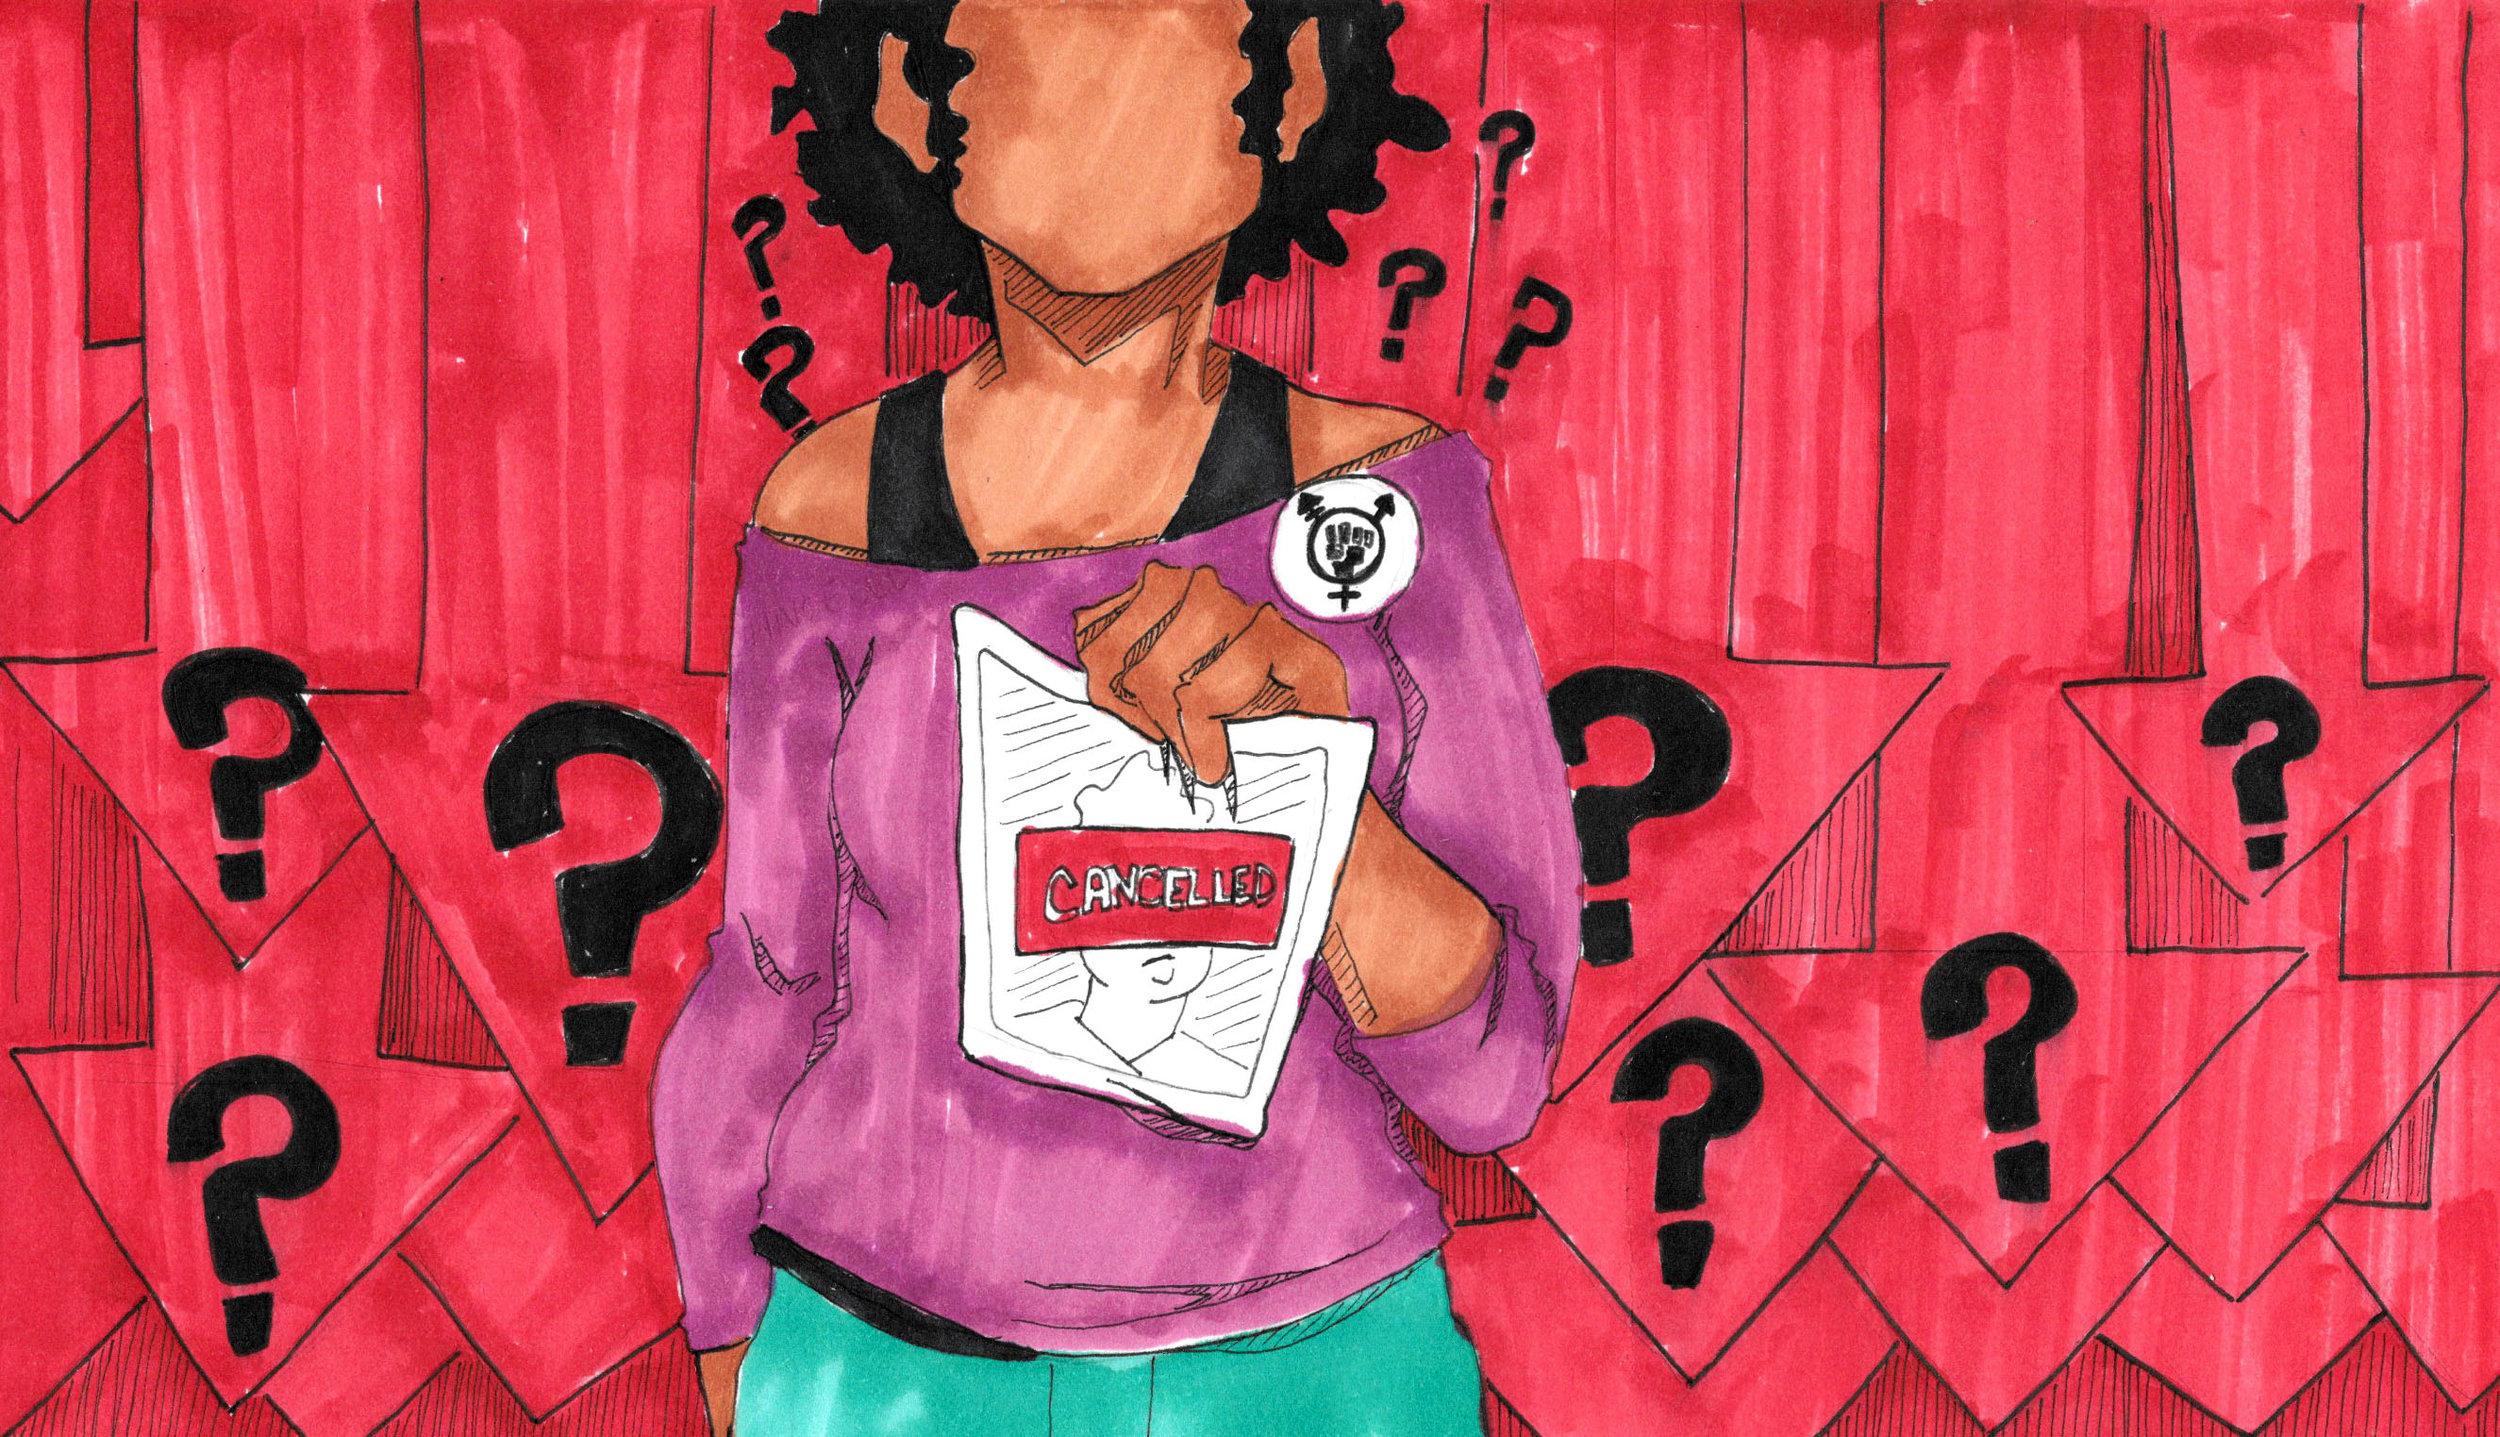 Art by Devyn Khaleel Farries